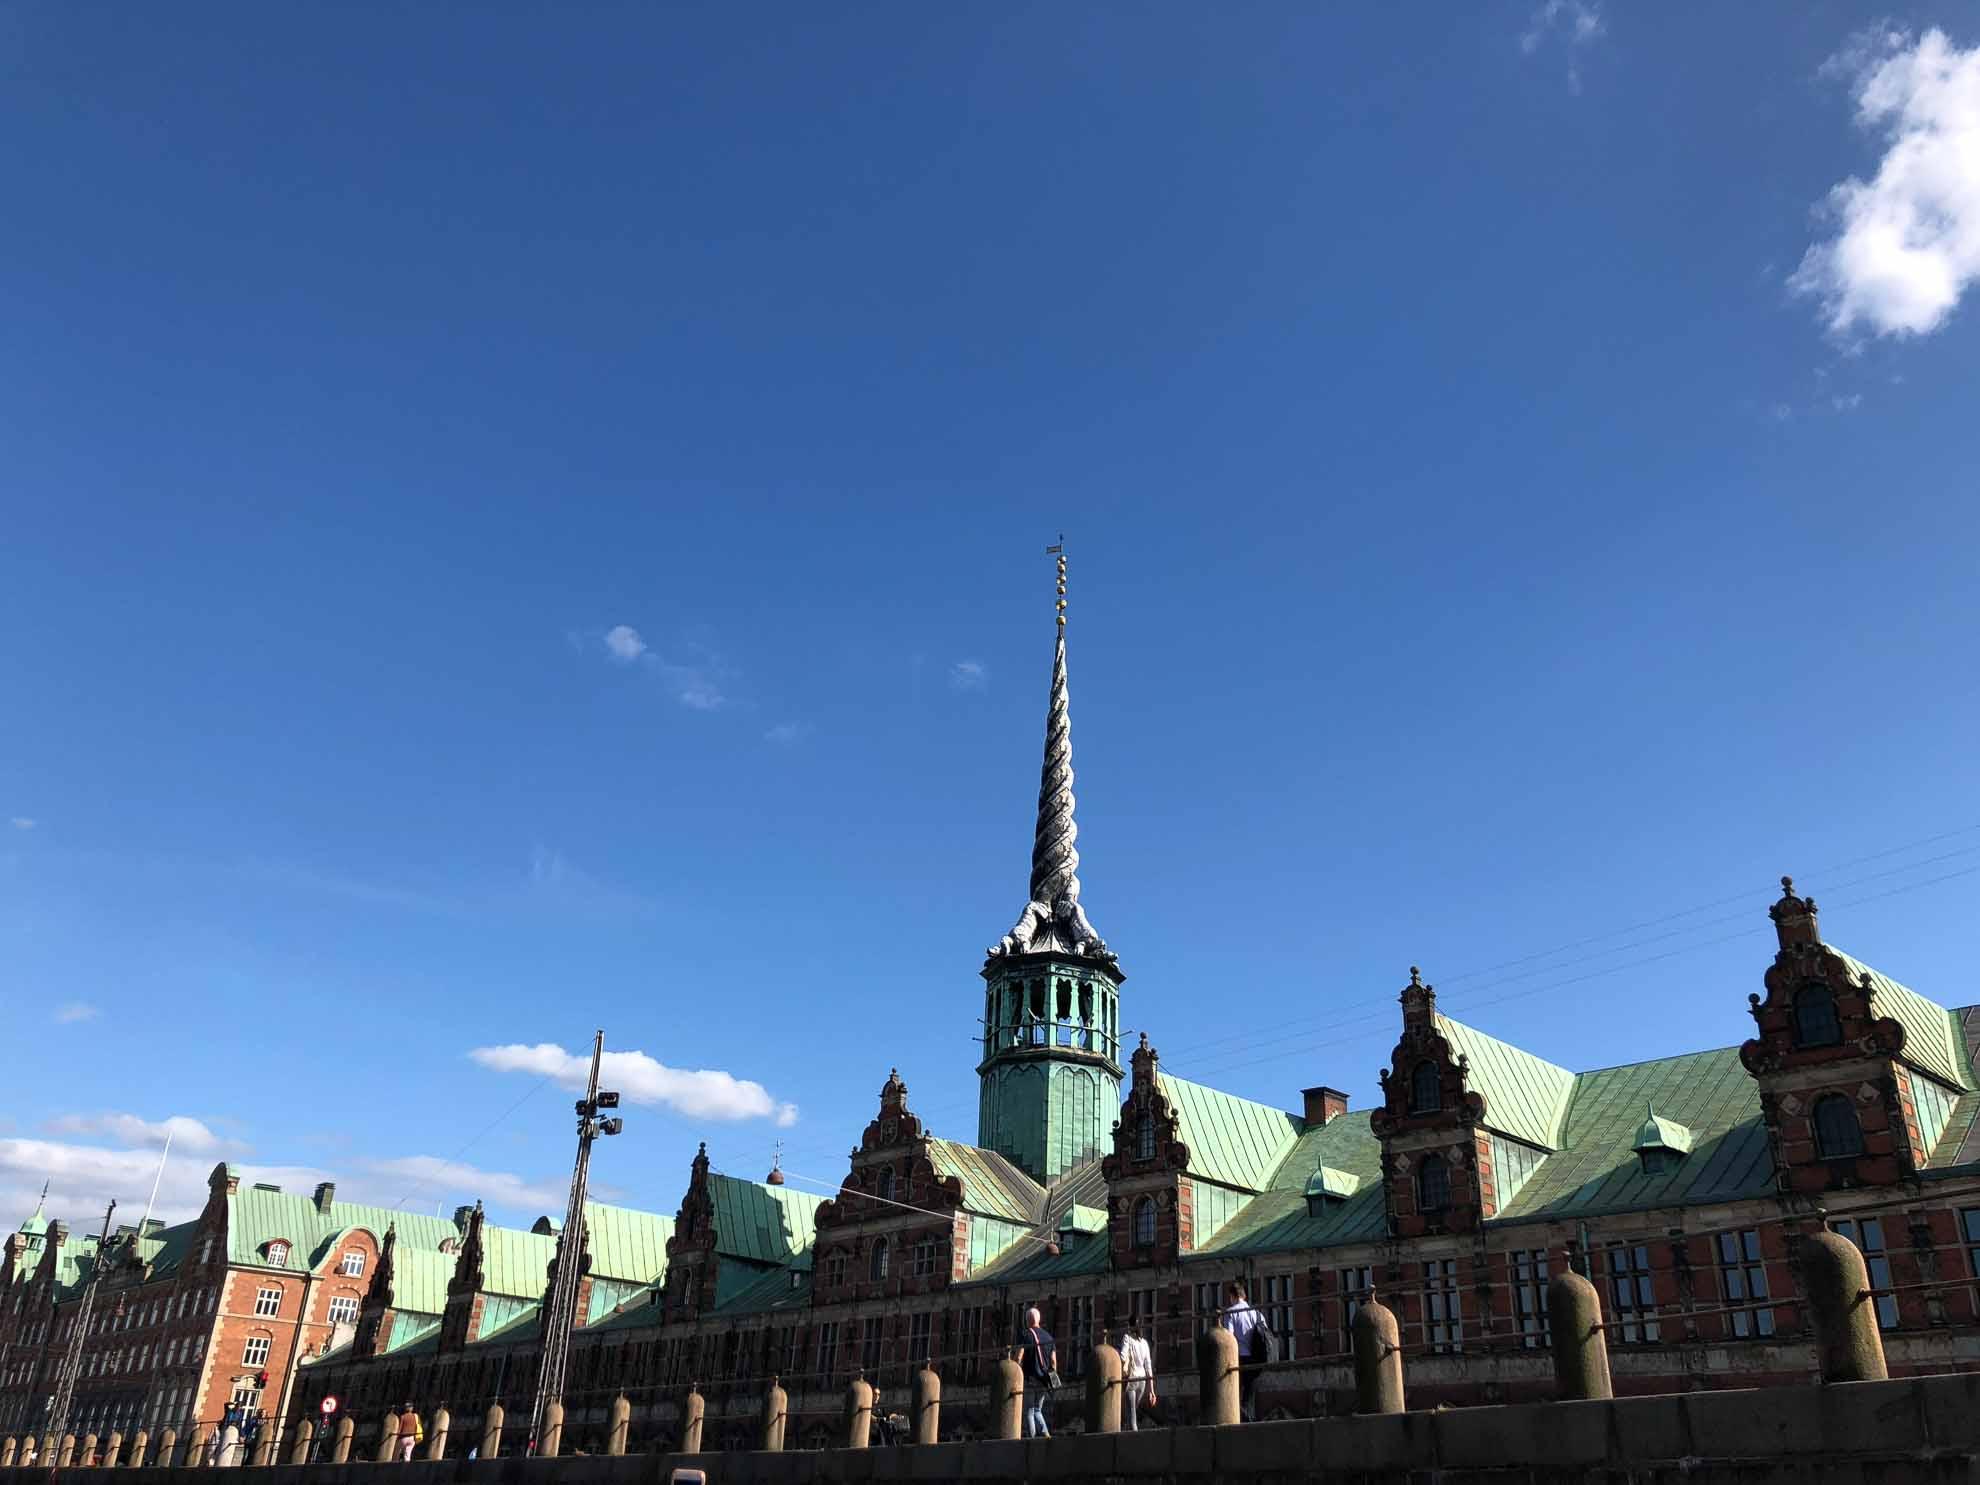 Die ehemalige Börse (Københavns Fondsbørs) krönt ein besonderer Spitzturm.